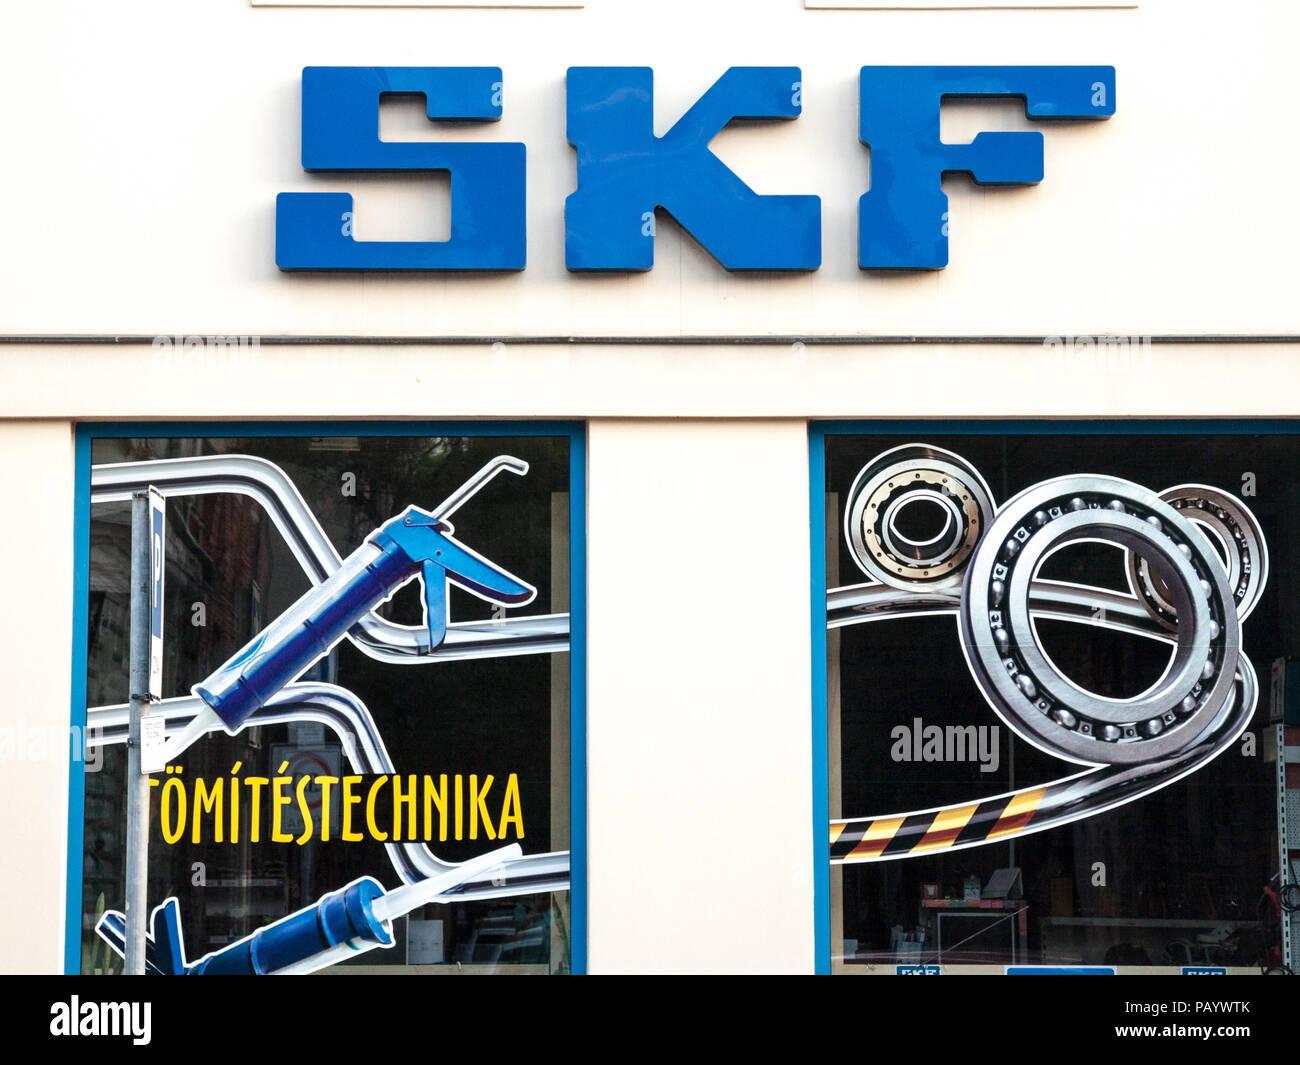 Skf Imágenes De Stock & Skf Fotos De Stock - Alamy